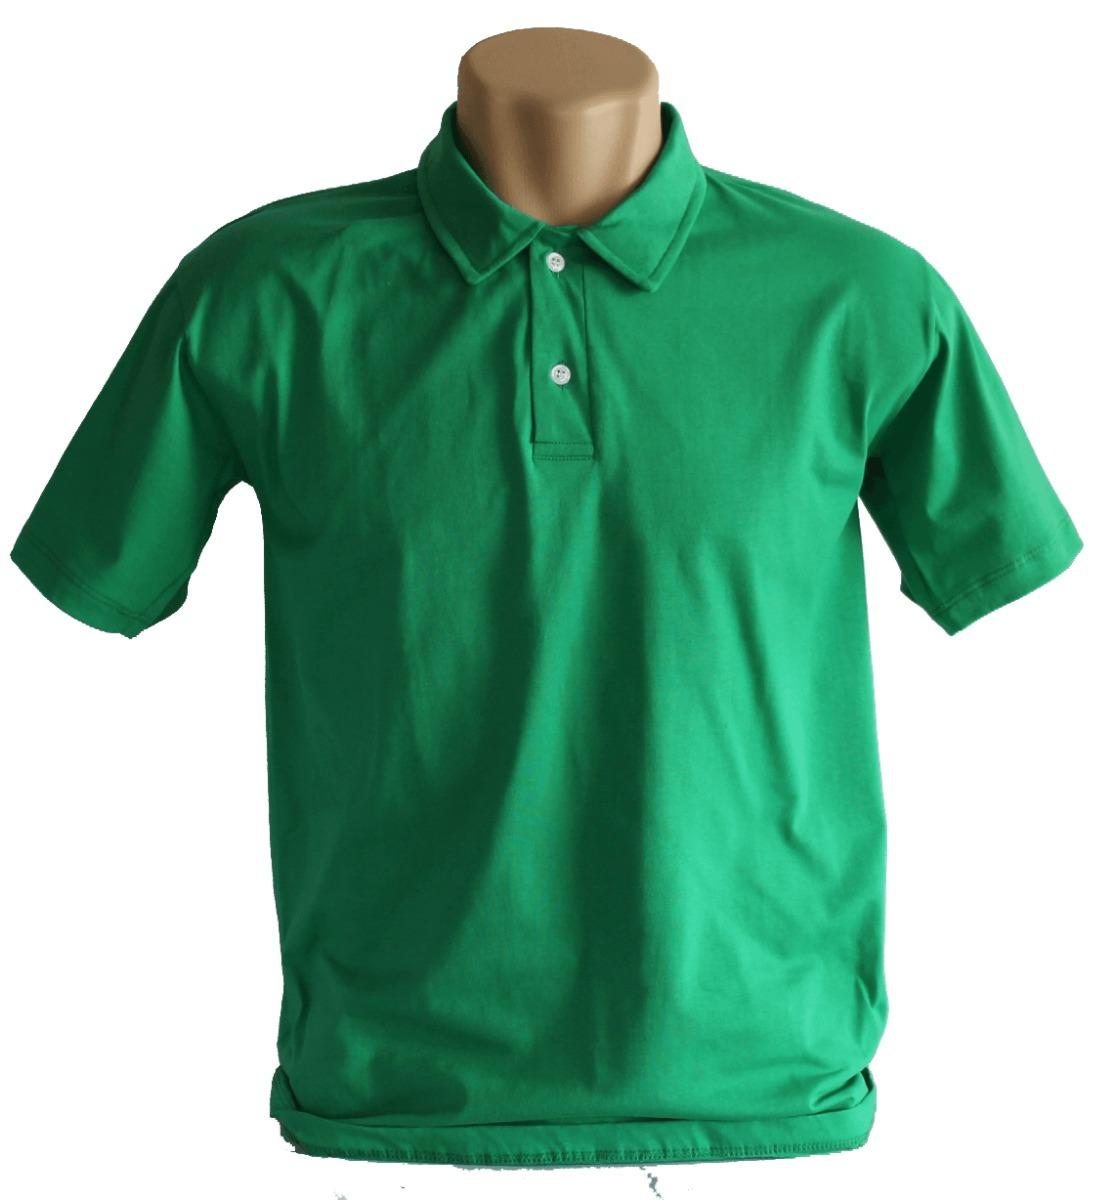 ec55848725 Camisa Polo Com Bolso Malha Lisa 100% Algodão Fio 30.1 - R  28